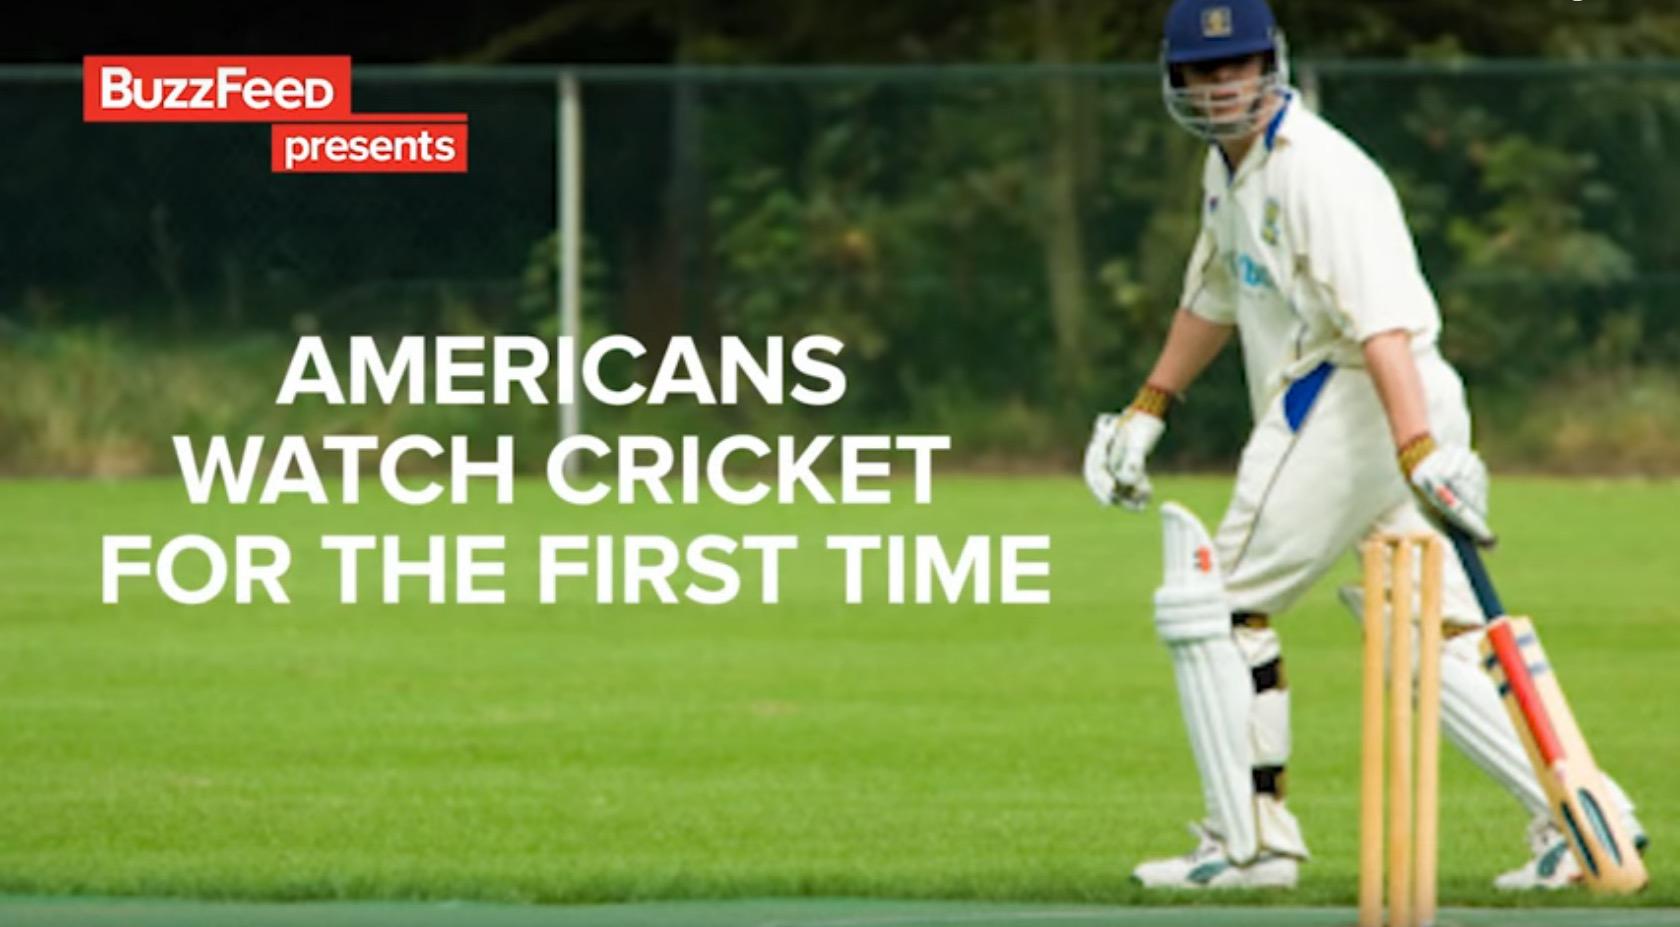 Люди смотрят крикет первый раз в своей жизни